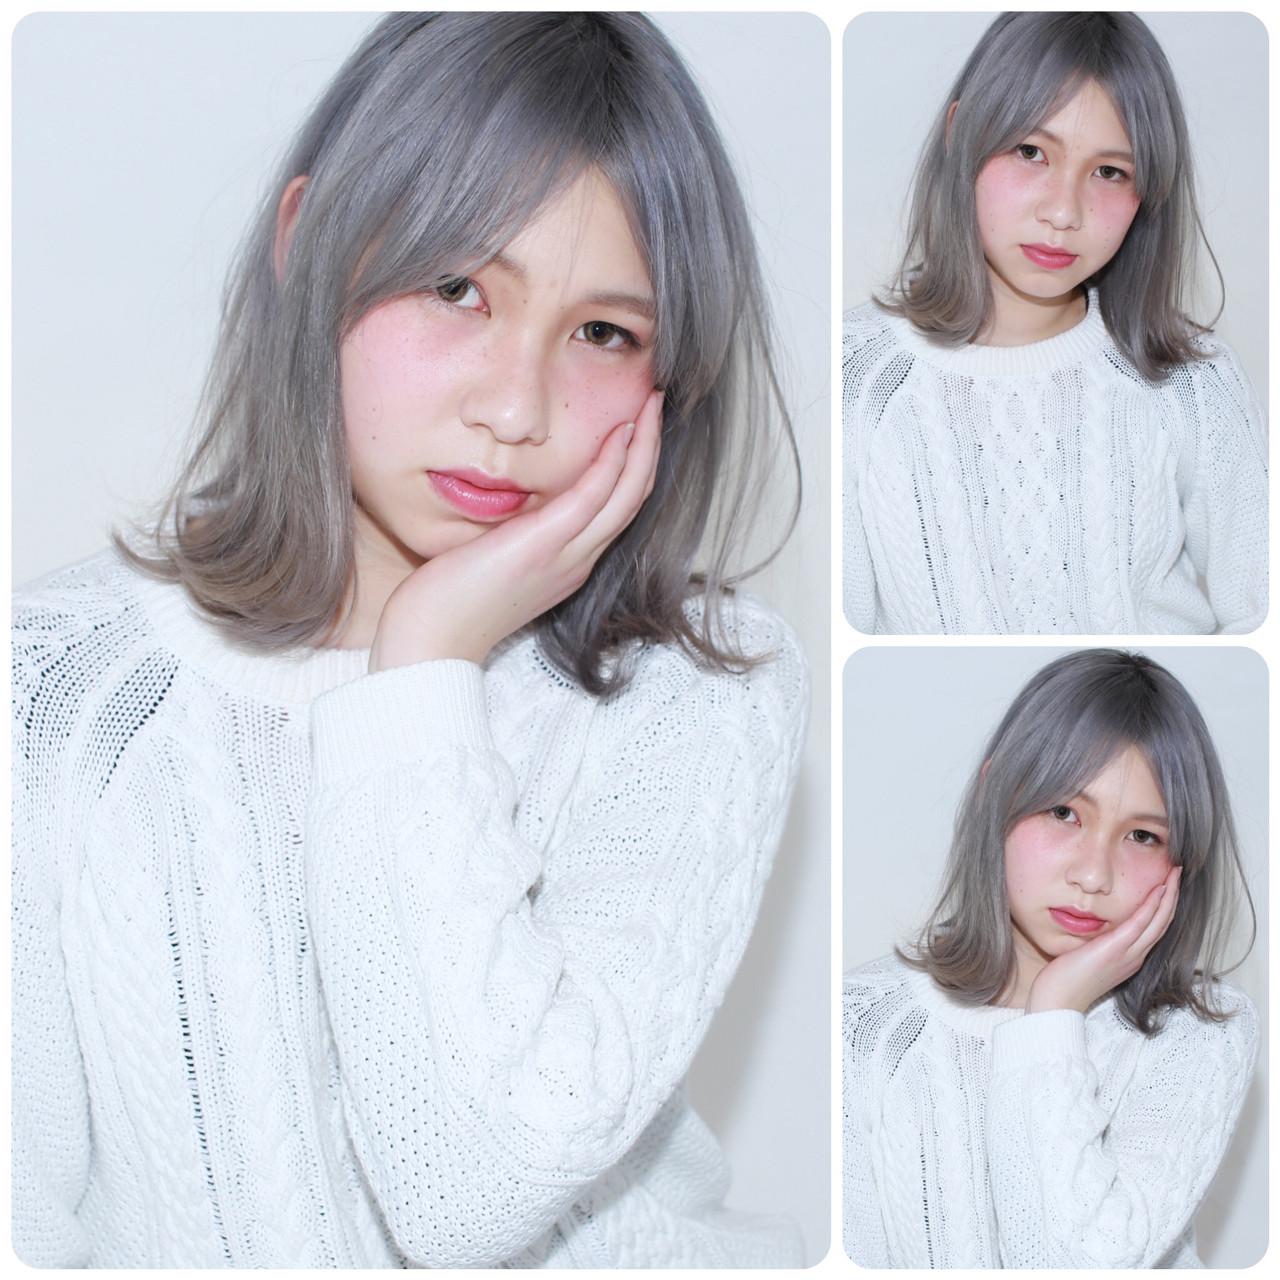 旬ヘアカラーなら外国人風「ホワイトアッシュ」♪ブリーチなしOKな髪色♡ イマムラ スナオ